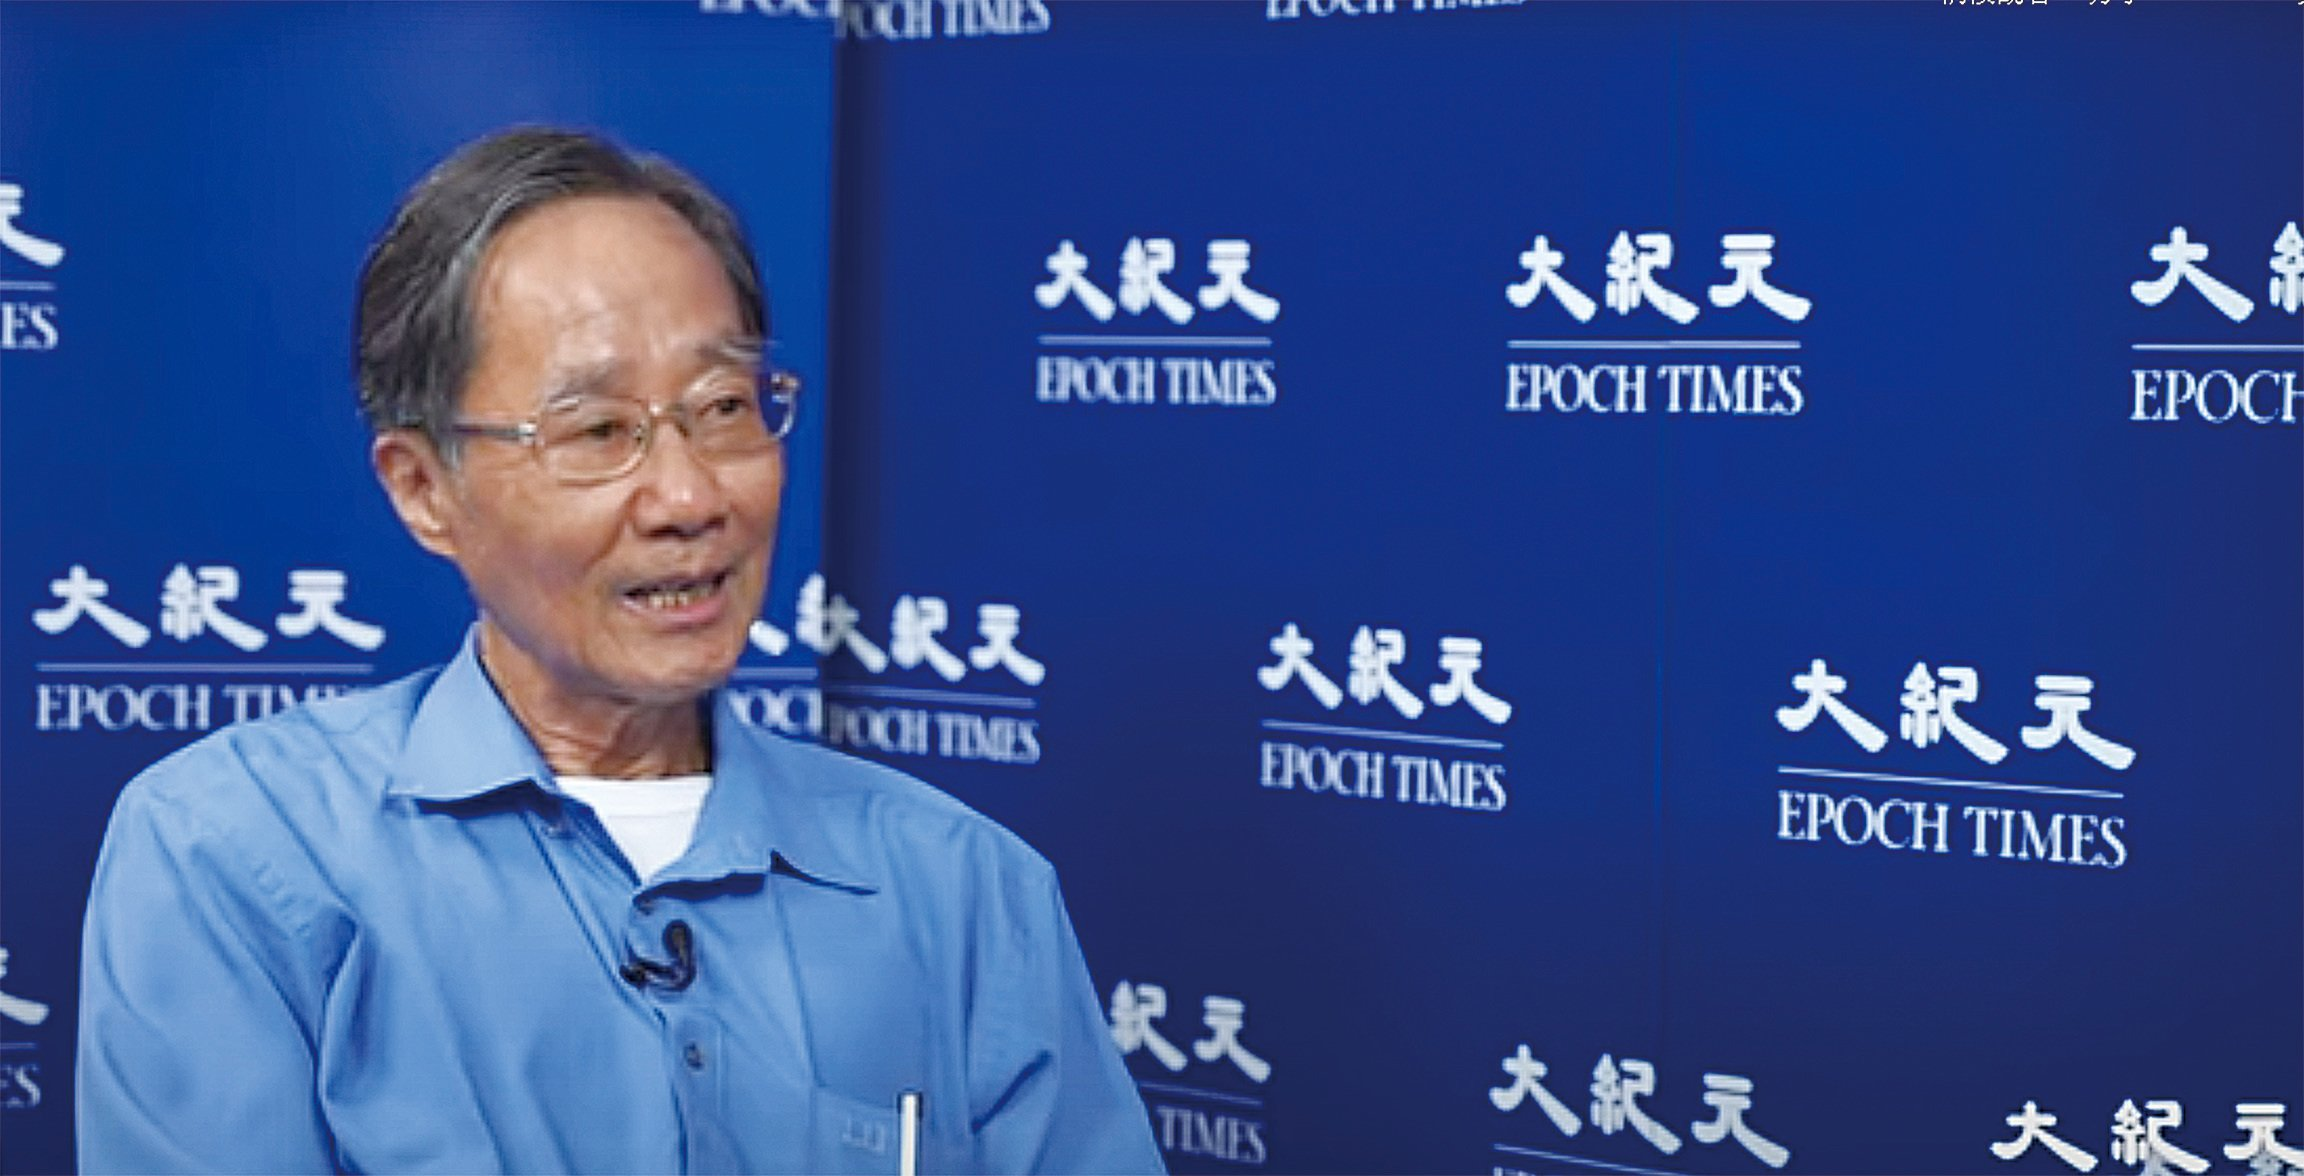 中國問題專家、《前哨》總編輯劉達文。(採訪影片截圖)